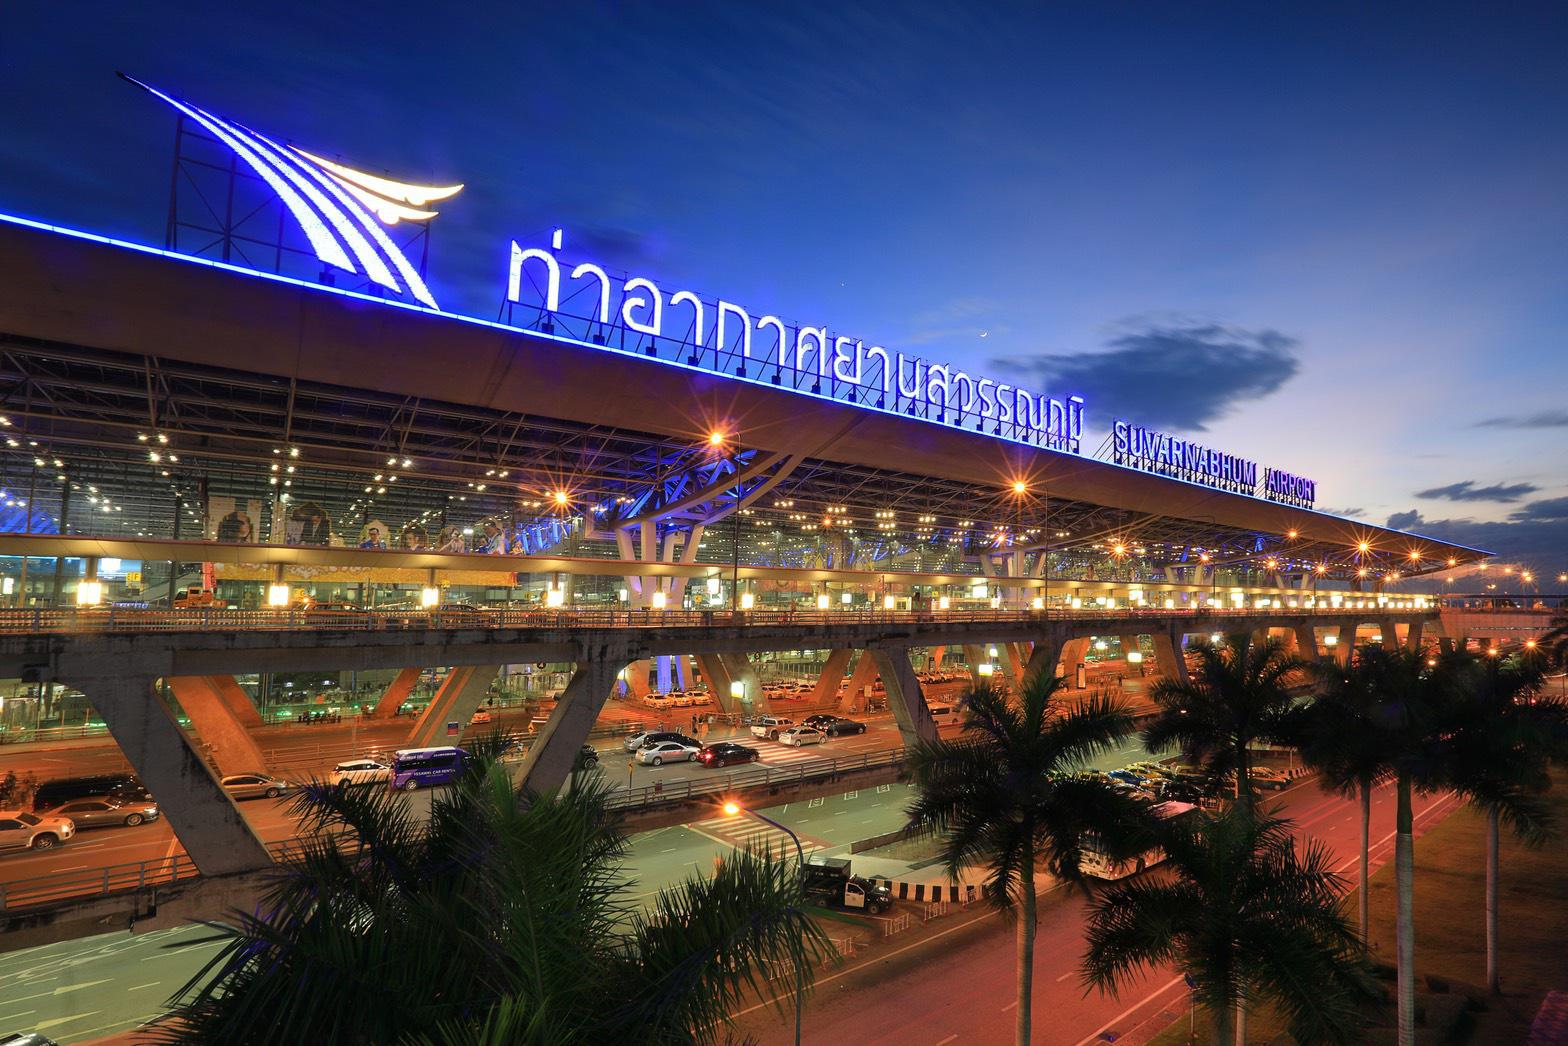 2,5 milliards de bahts vont être attribués à la réfection des voies de circulation de l'aéroport de Bangkok-Suvarnabhumi